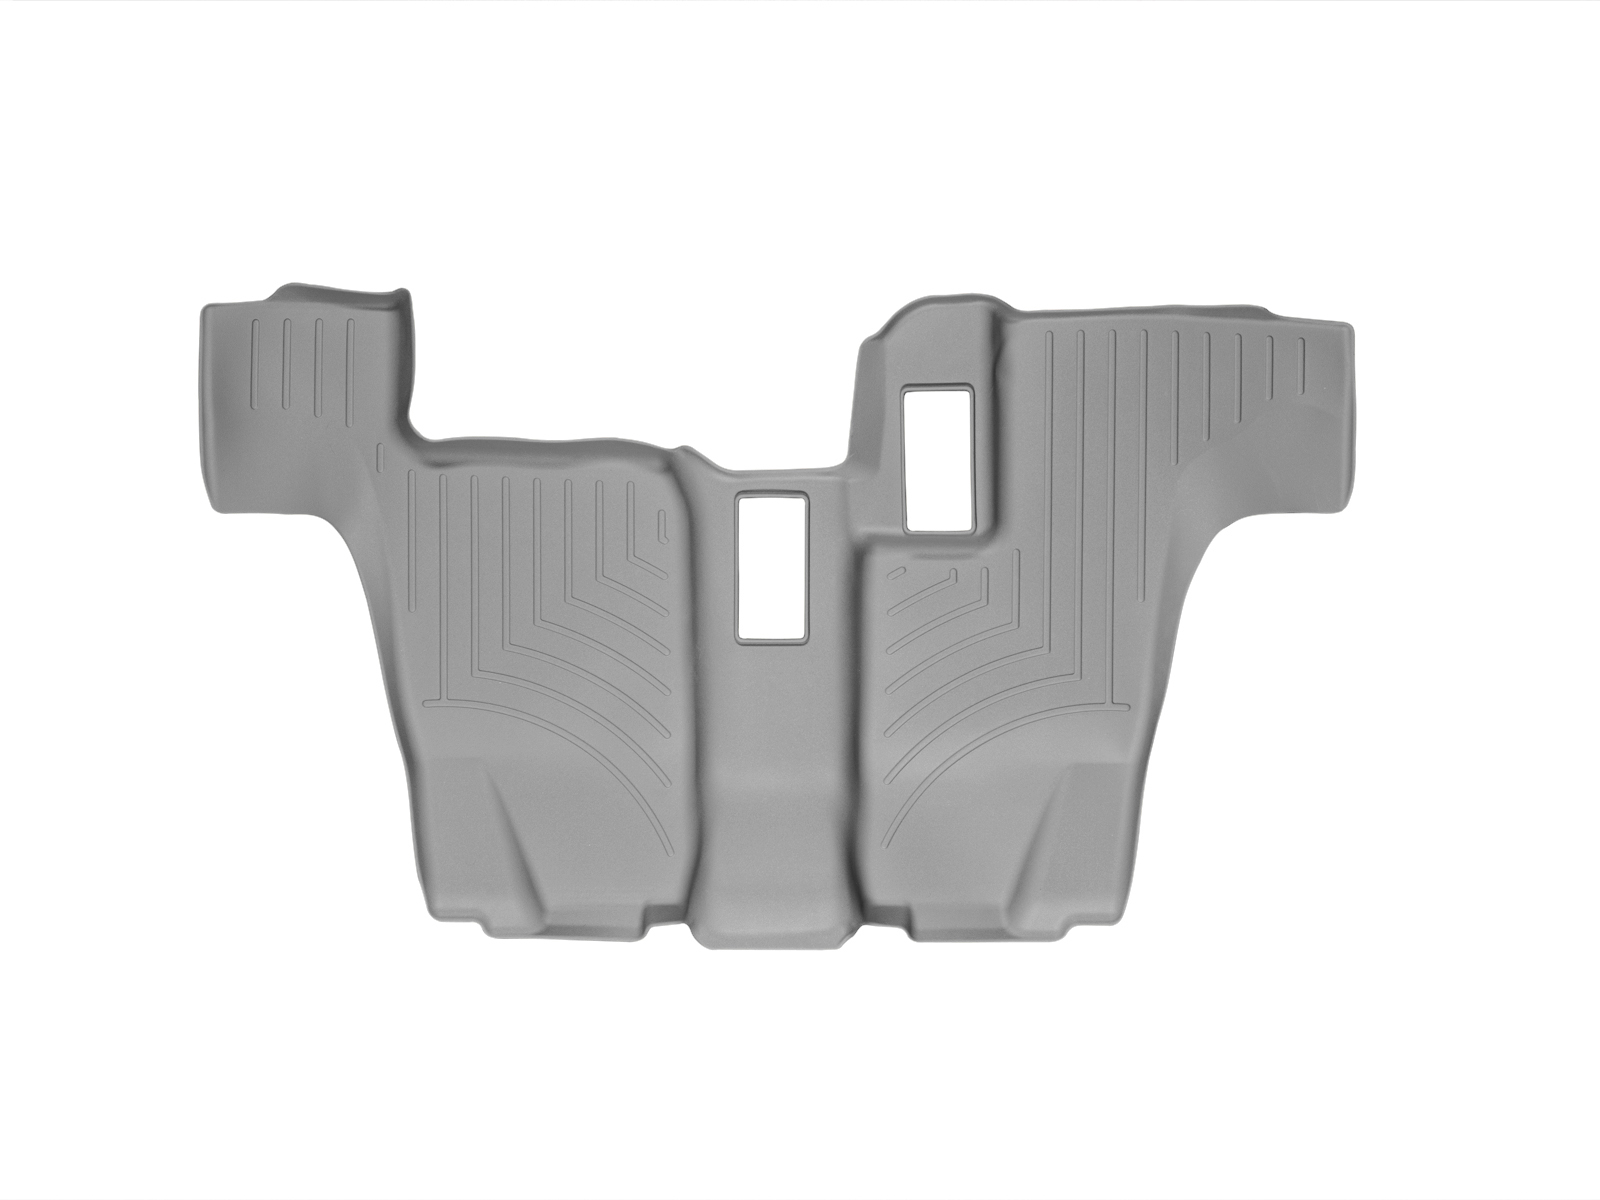 Tappeti gomma su misura bordo alto Mercedes GLS-Class 15>17 Grigio A2510